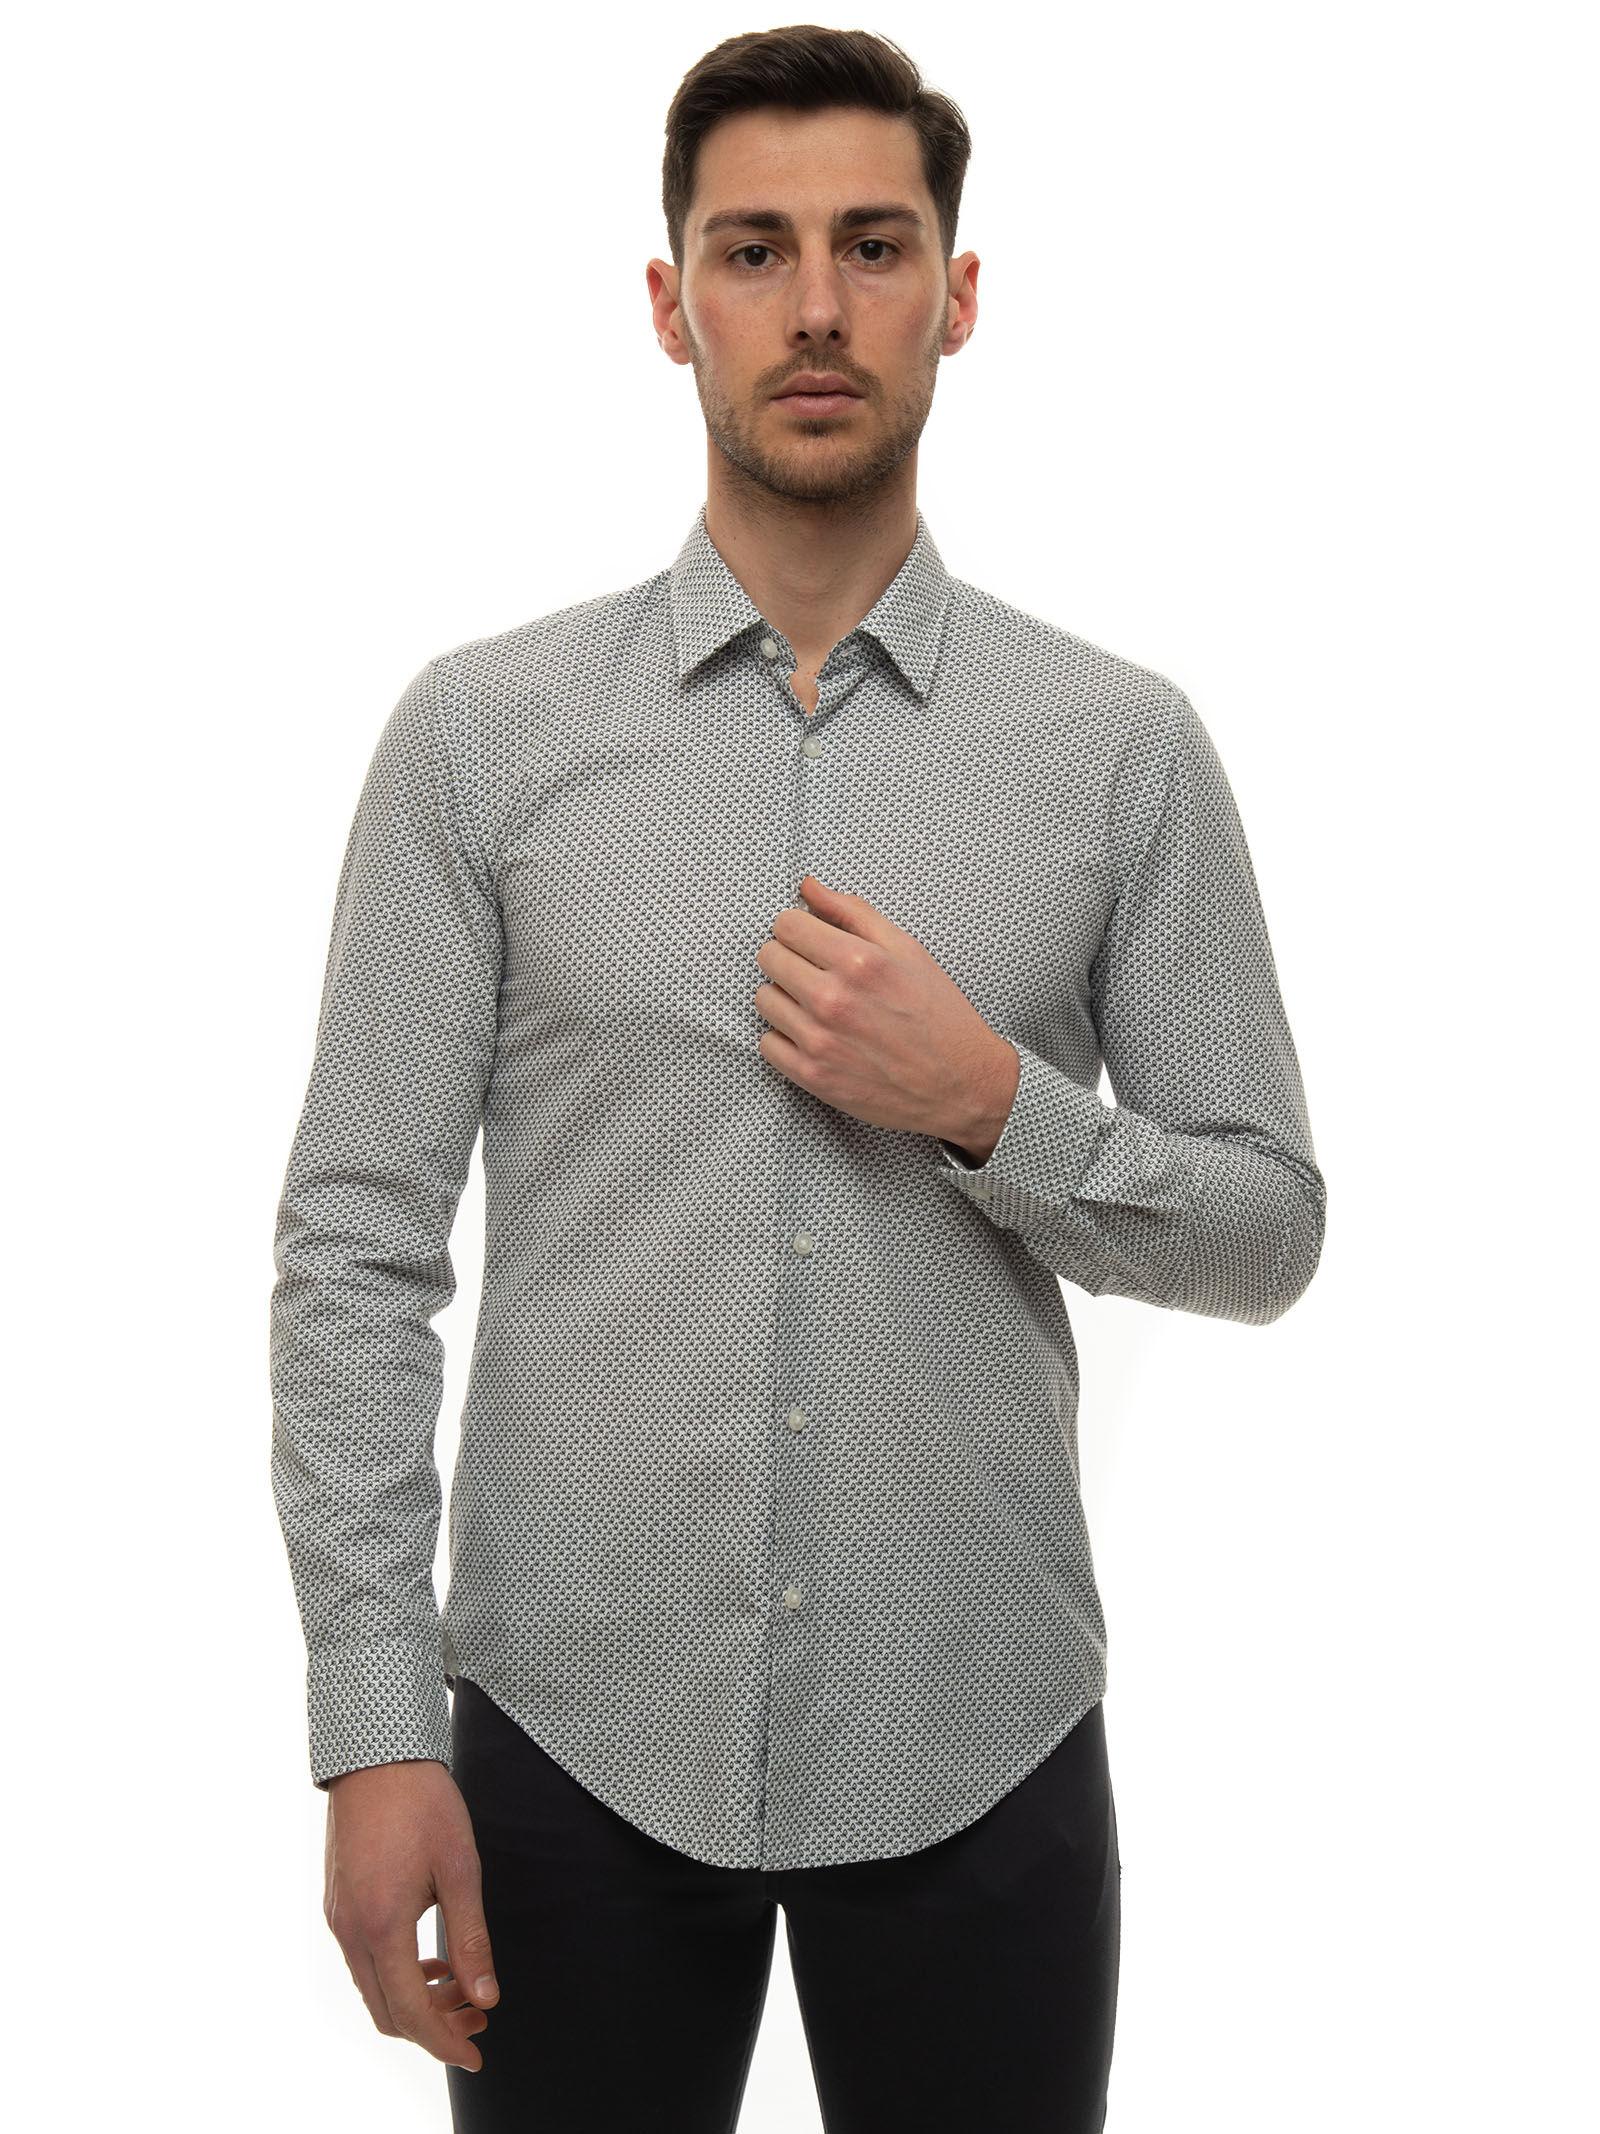 Boss Camicia casual Grigio Cotone Uomo